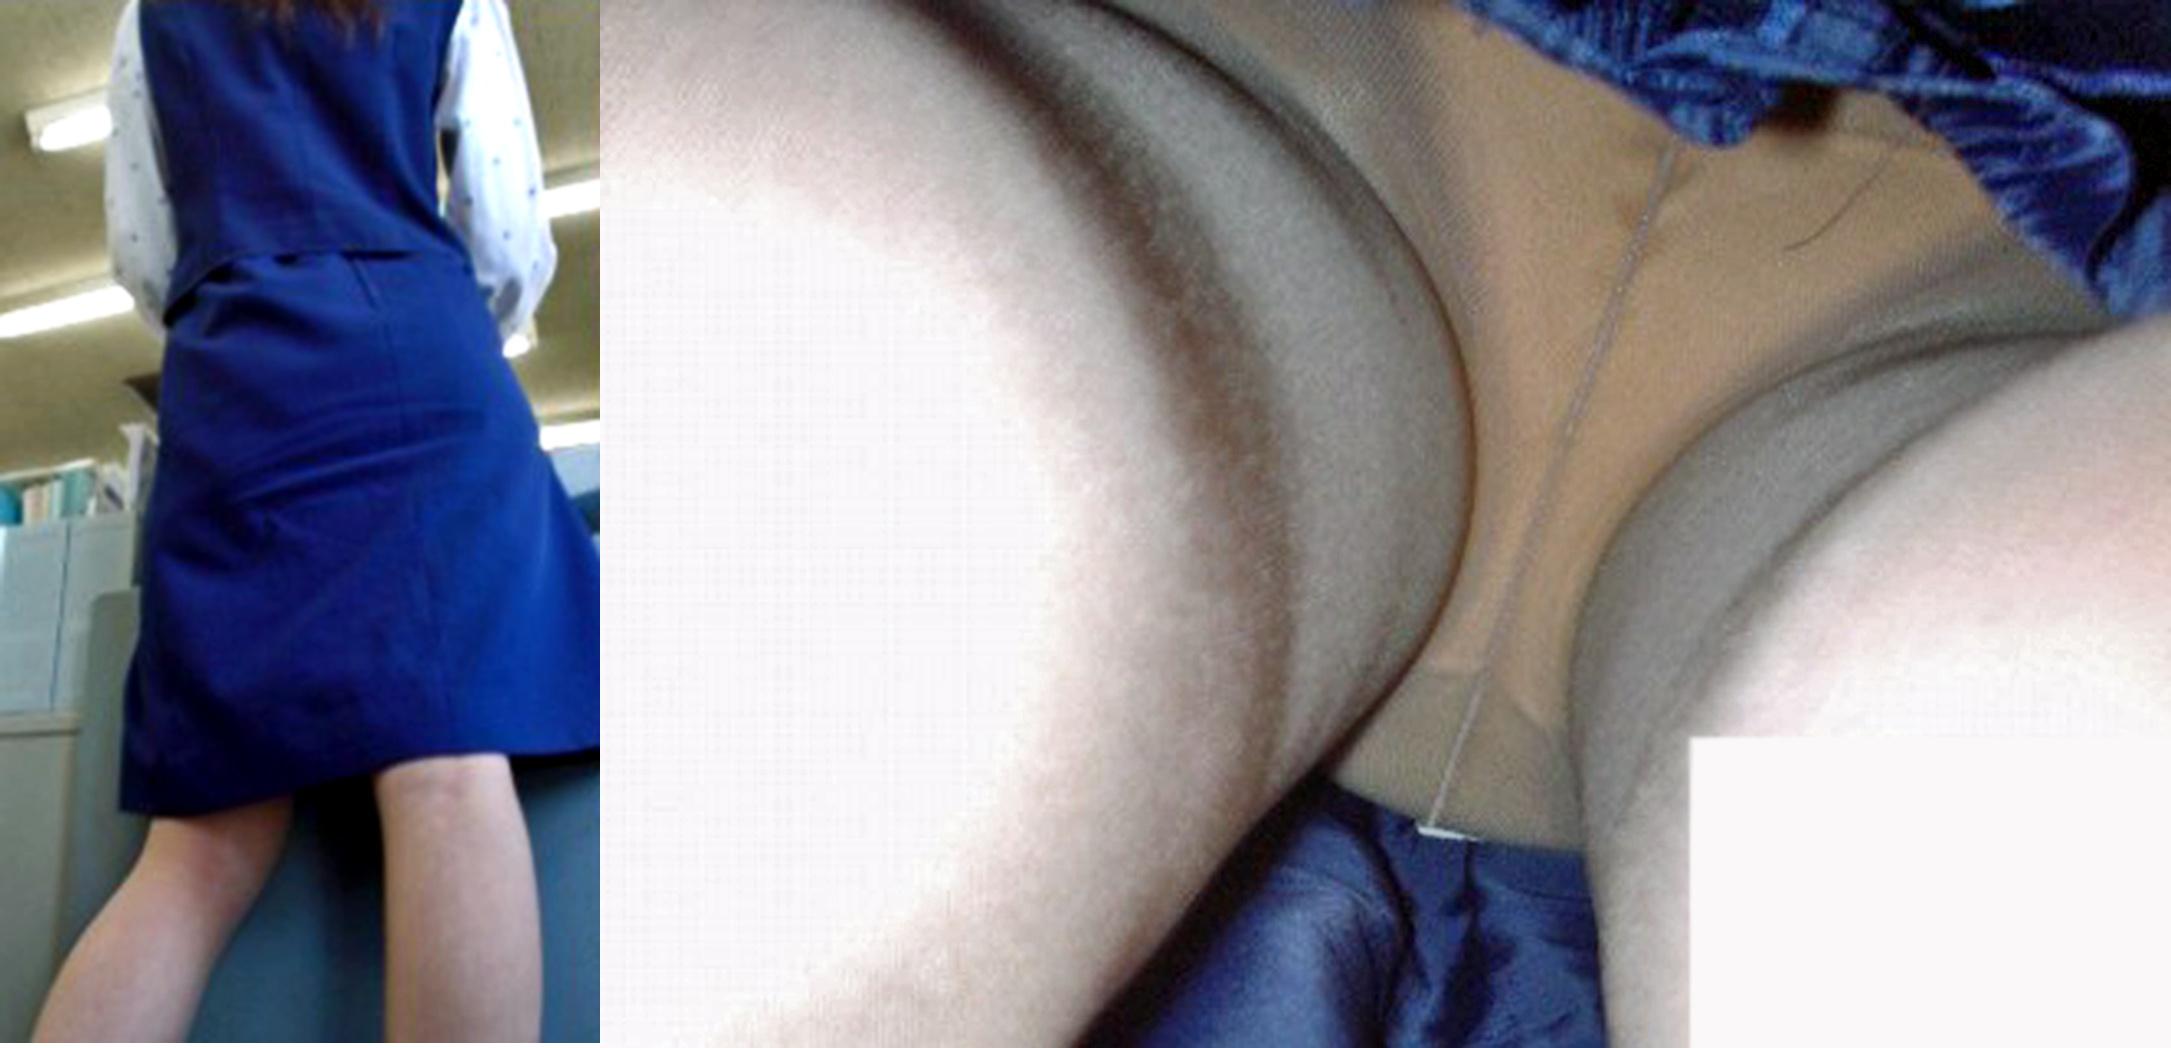 OL パンツ 逆さ撮り 働く女性 ローアングル エロ画像【11】